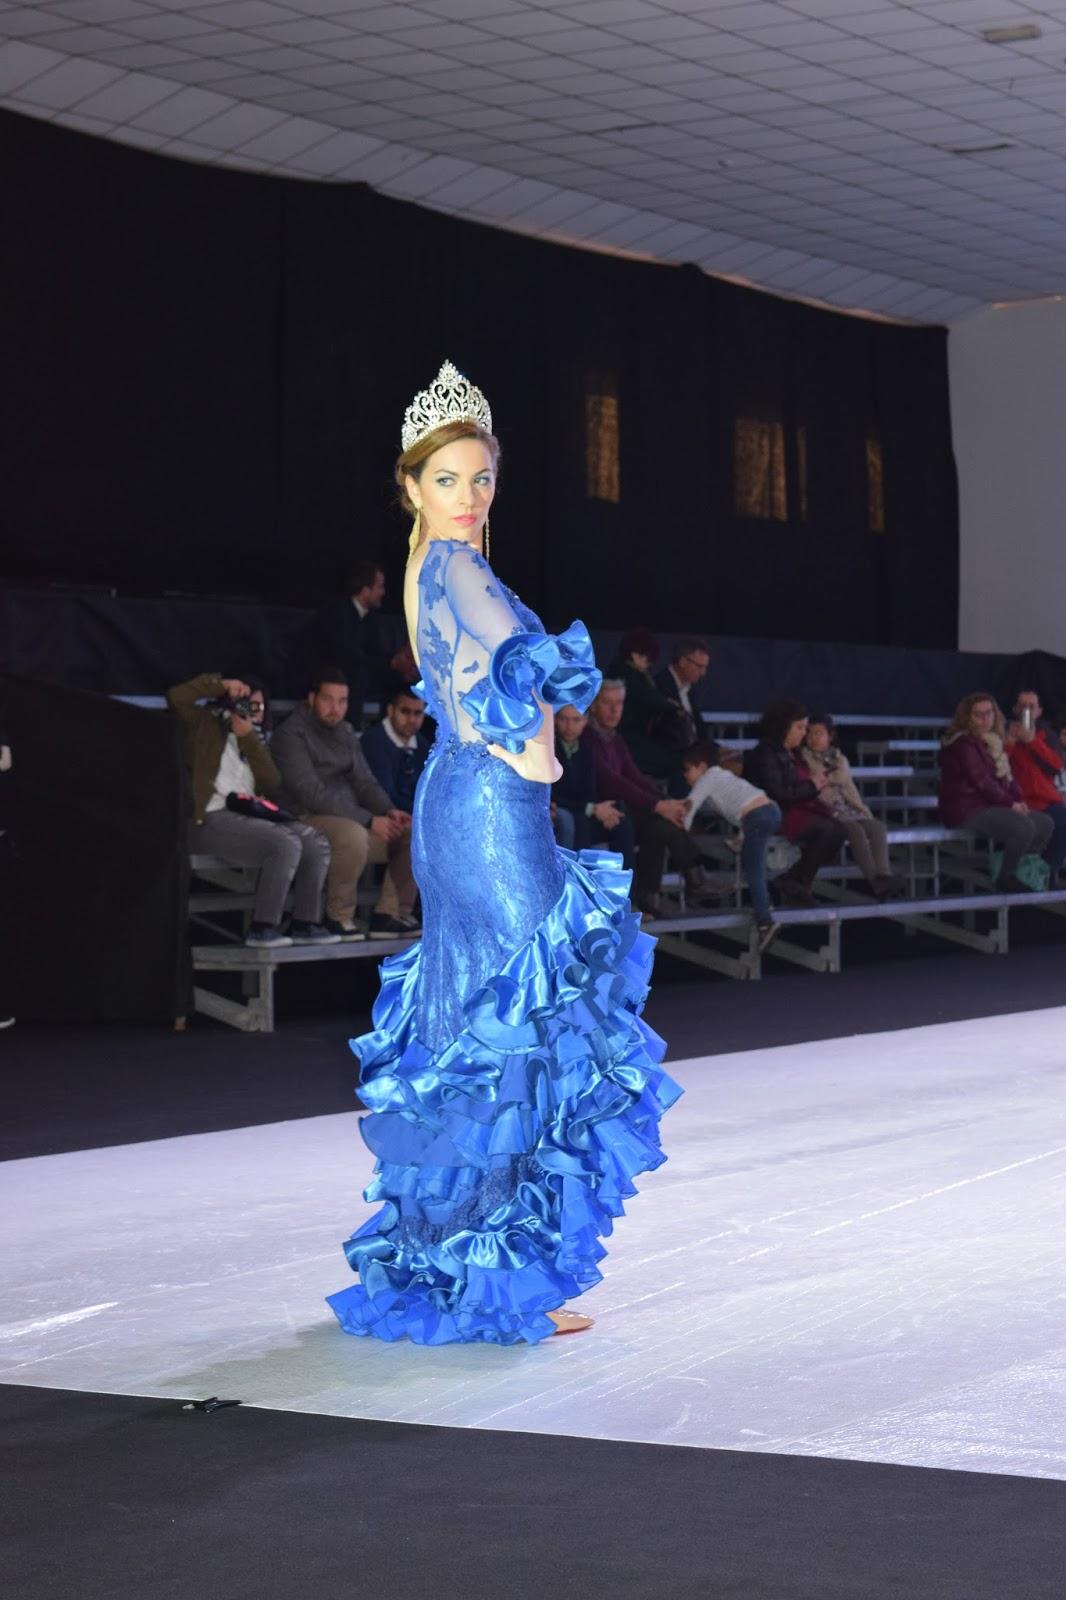 Desfile Rebeca Moda Flamenca tour blogger Fermasa – comotevisto